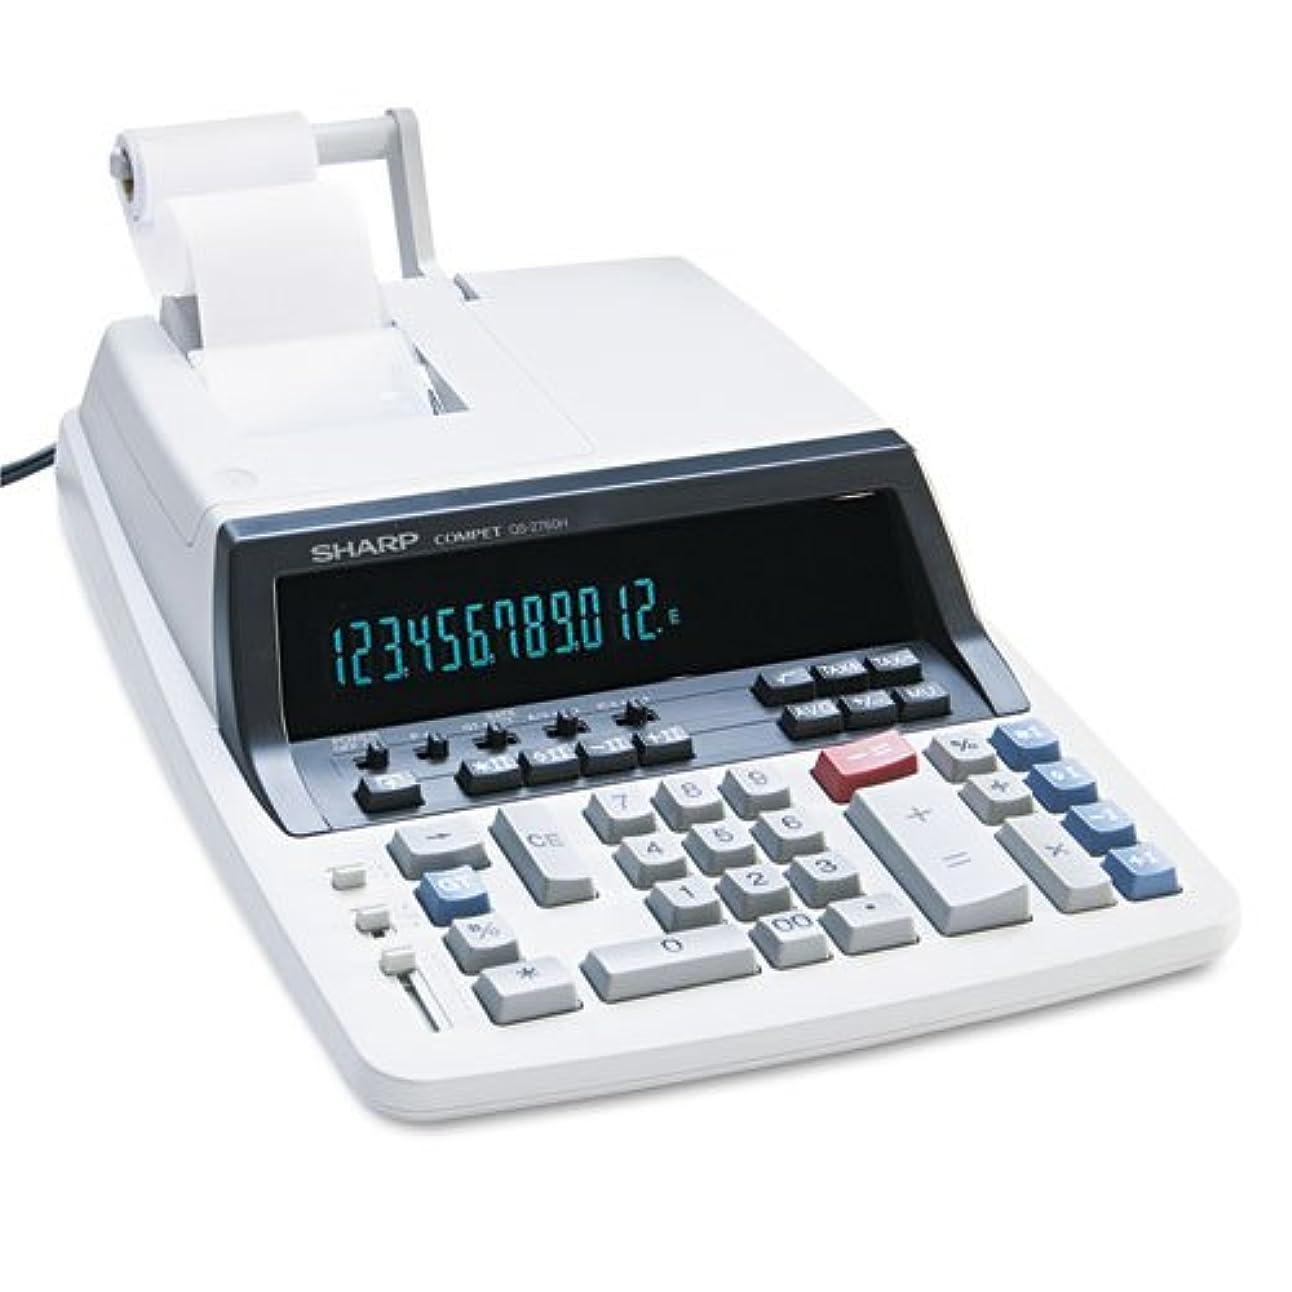 お肉法律により昆虫を見るqs-2760h 2色リボン印刷電卓、ブラック/レッド印刷、4.8?Lines/秒, Sold as 1?Each